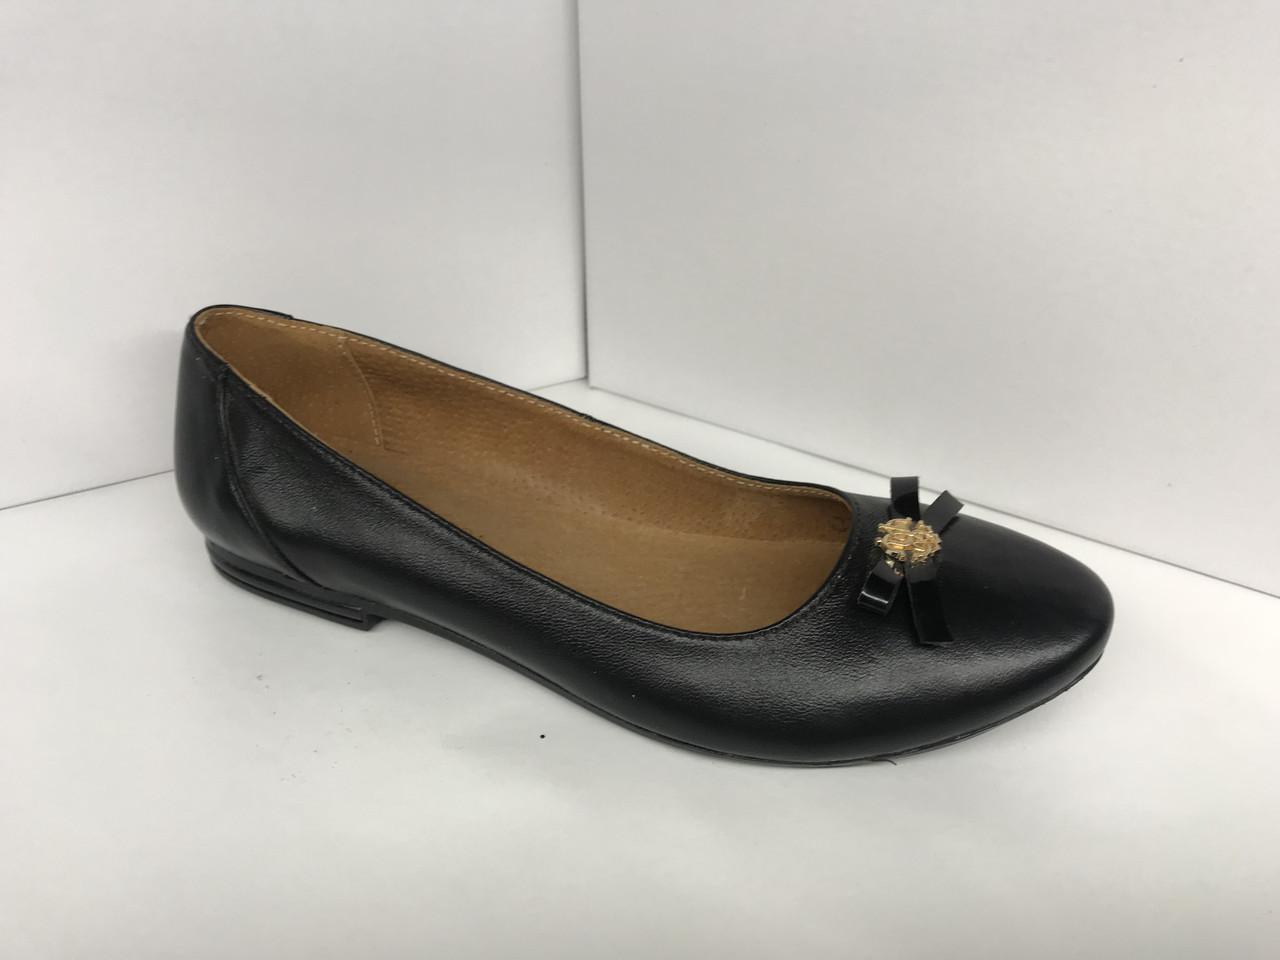 Женские туфли на низком каблуке. Украинский бренд. Опт и розница - Интернет  магазин